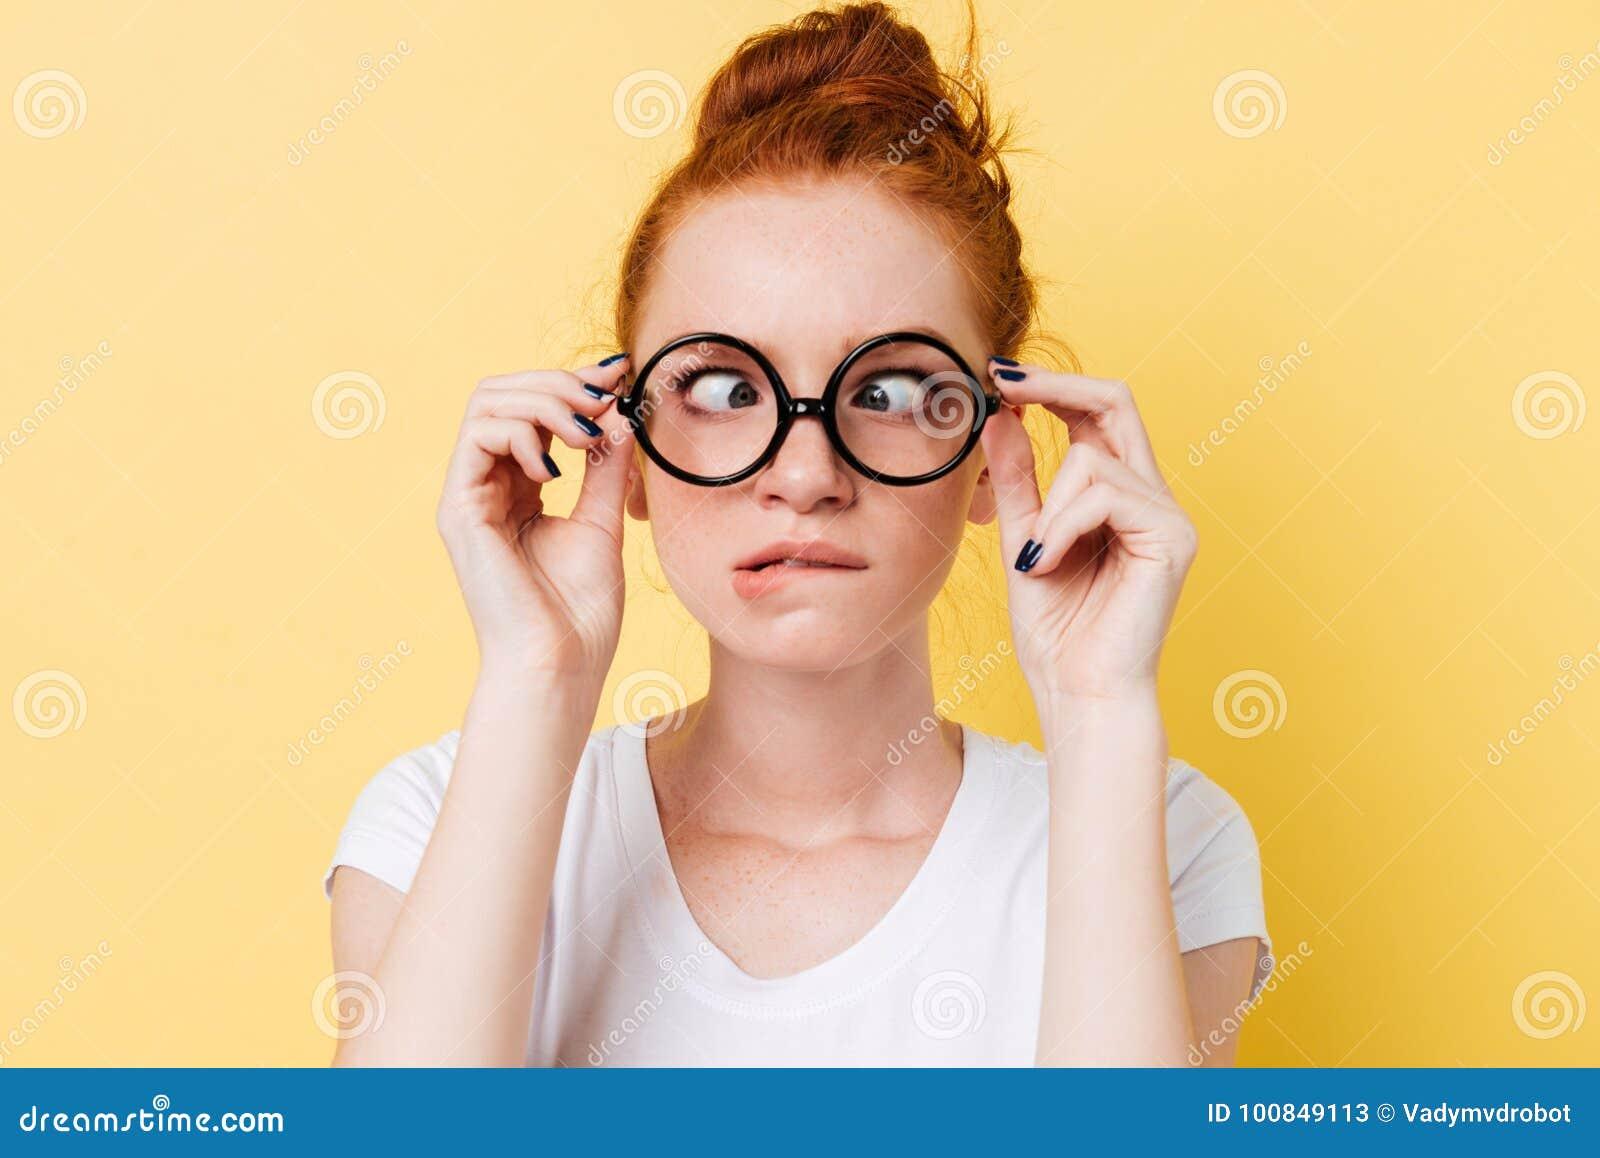 滑稽的姜妇女的特写镜头图片显示鬼脸的eyeglasess的